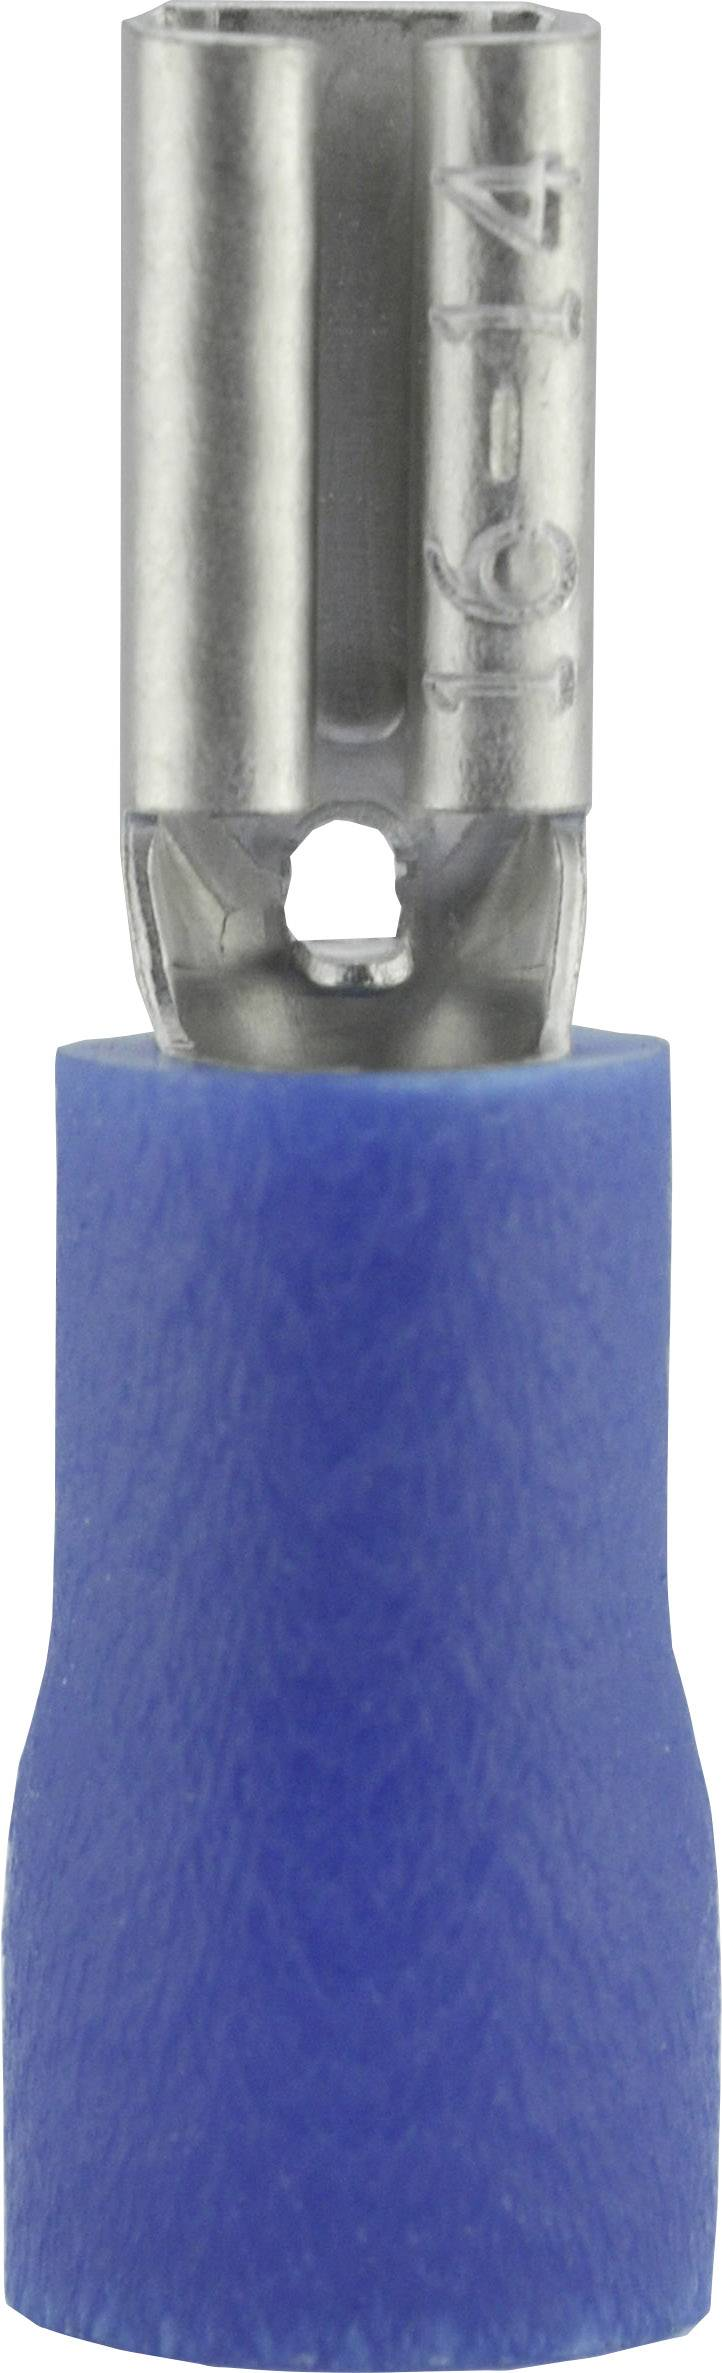 Faston konektor zásuvka Vogt Verbindungstechnik 389905S 2.8 mm x 0.5 mm, 180 °, čiastočne izolované, modrá, 1 ks